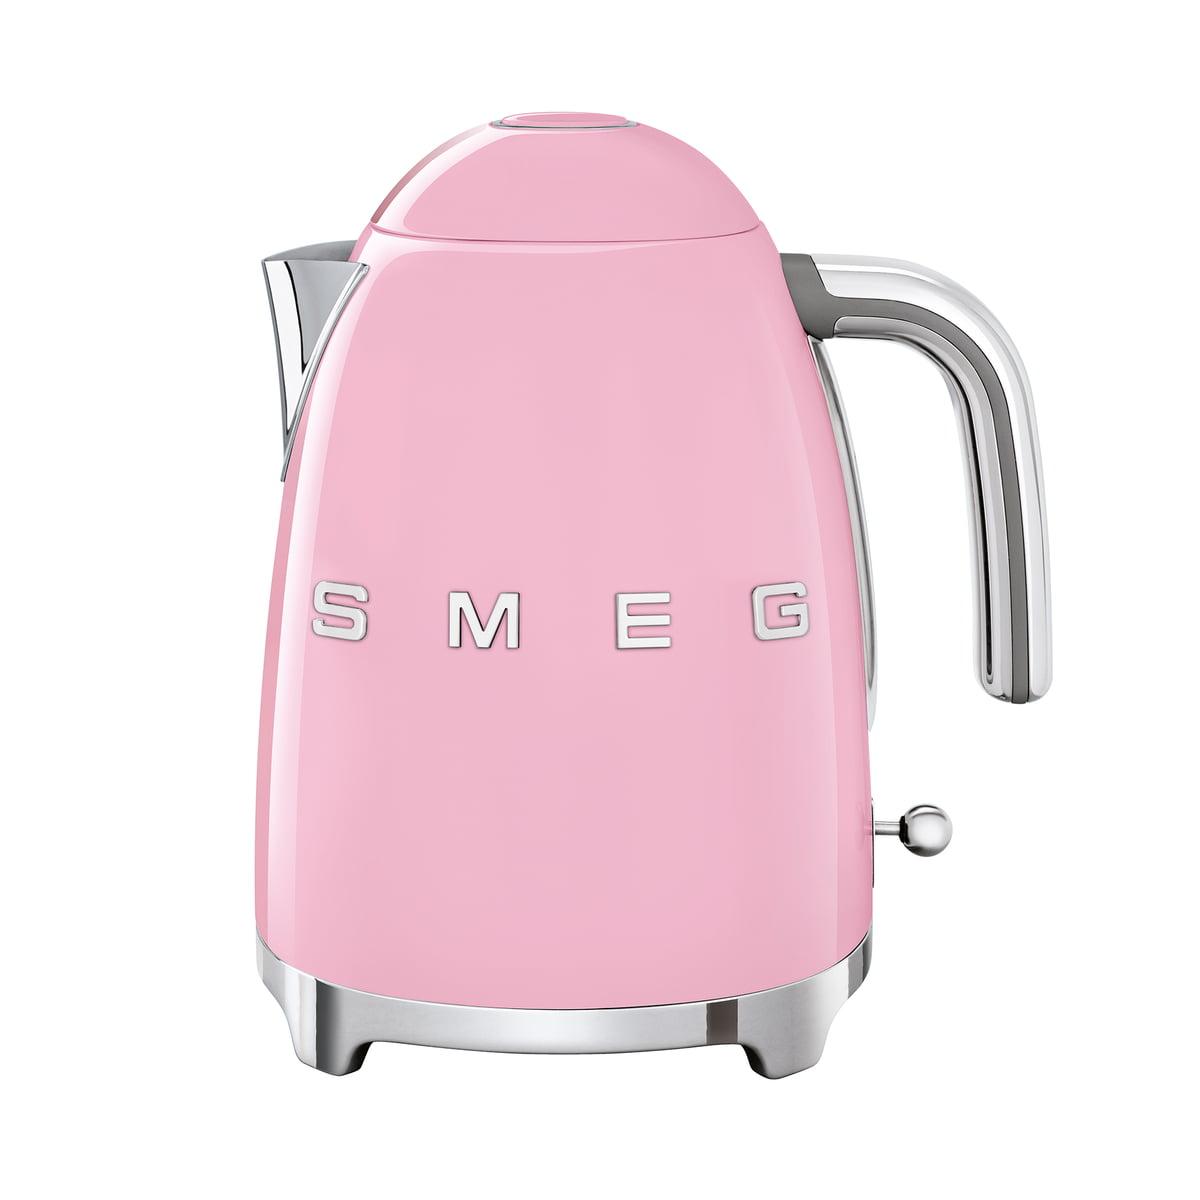 Smeg - Wasserkocher 1,7 l (KLF03), cadillac pink | Küche und Esszimmer > Küchengeräte > Wasserkocher | Pink | Edelstahl -  lackiert | Smeg